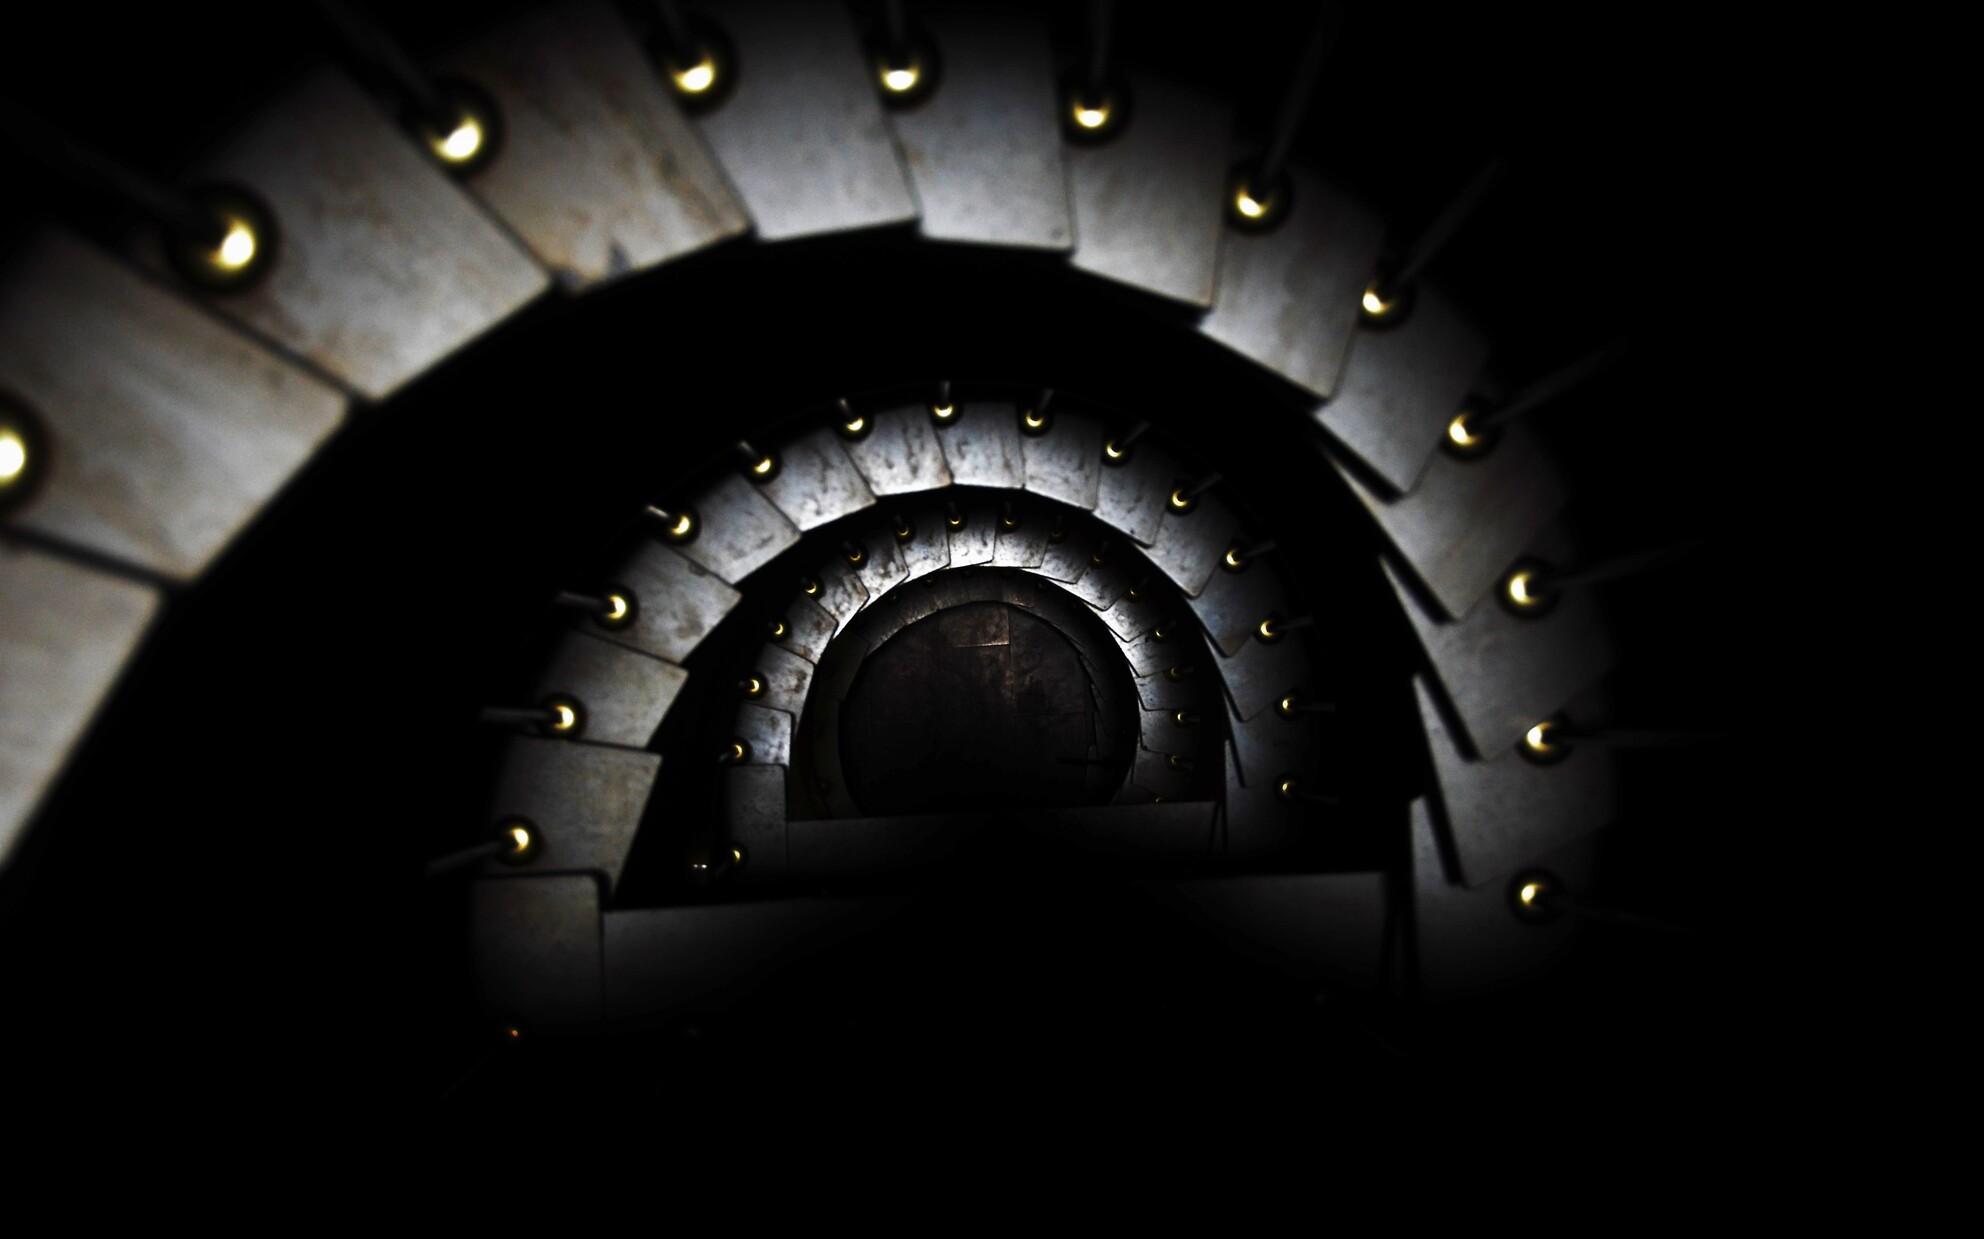 TRAPZAAL IN ZWART WIT - Trapzaal van boven naar beneden - foto door vds1950 op 08-04-2021 - locatie: Mortsel, België - deze foto bevat: flitsfotografie, lucht, autoband, trap, water, cirkel, lettertype, tunnel, symmetrie, automotive wielensysteem